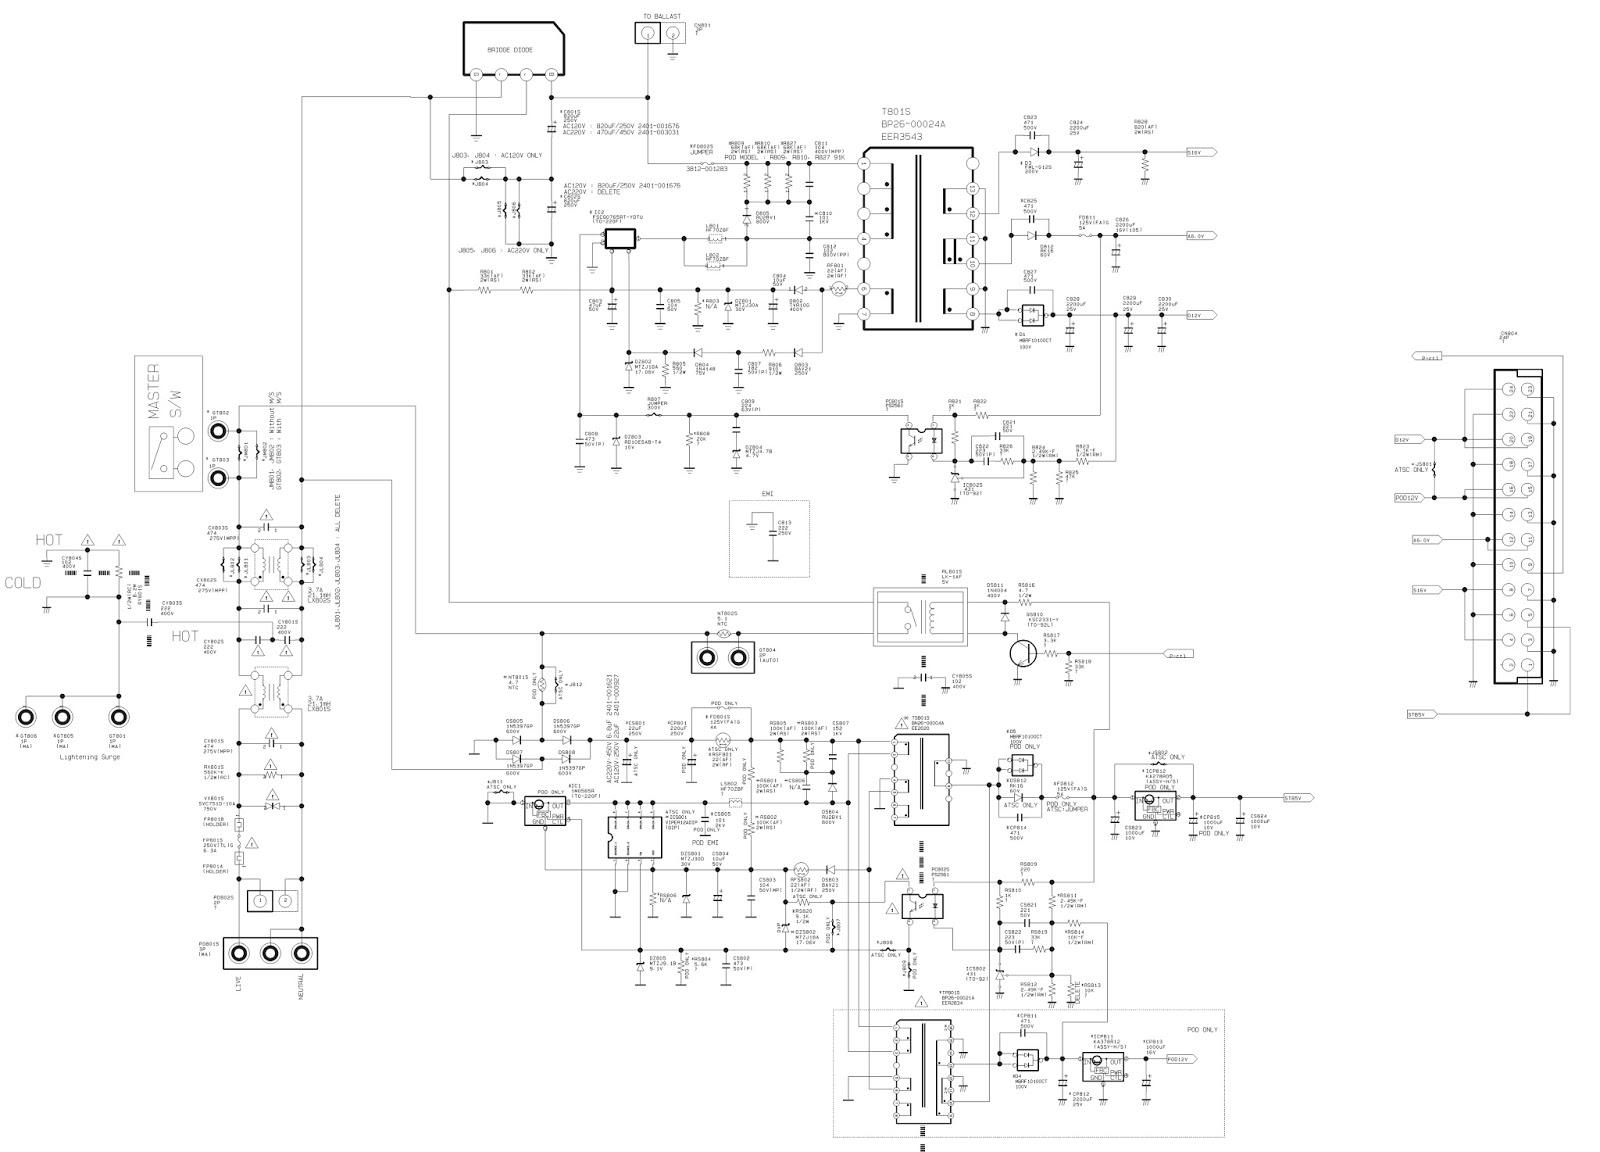 Samsung Dlp Wiring Diagram Electric Dryer Schematic Library Rh 2 Yoobi De Refrigerator Schematics